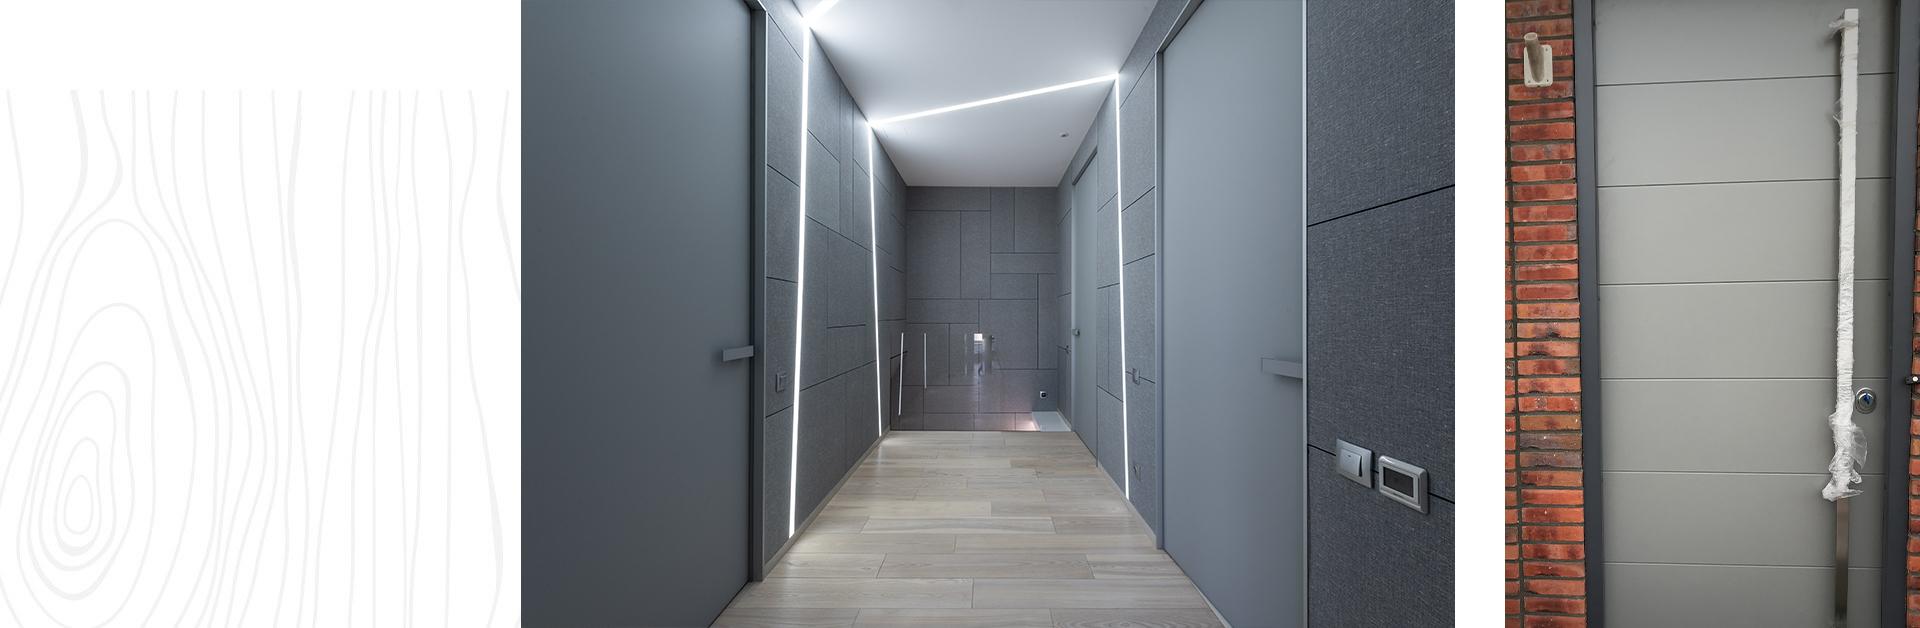 aluminiumdeur_deuropmaat_pic2